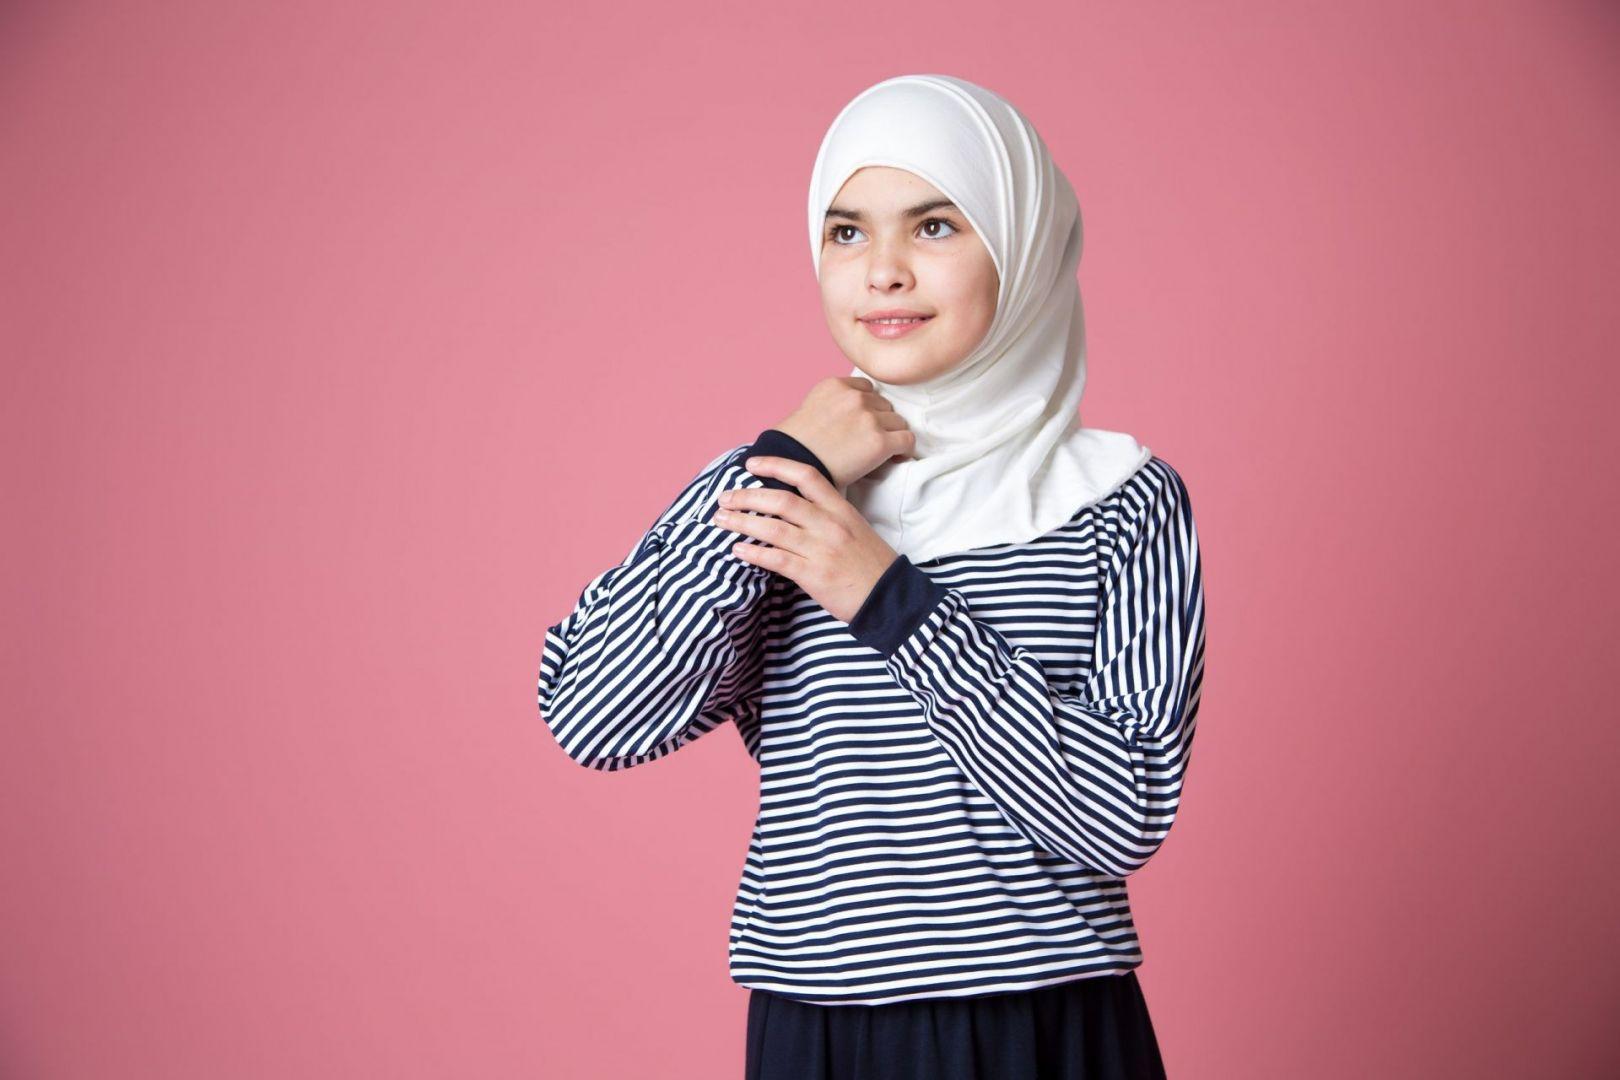 ПарламентЧР принял законодательный проект, дающий право обучающимся одеваться всоответствии свероисповеданием